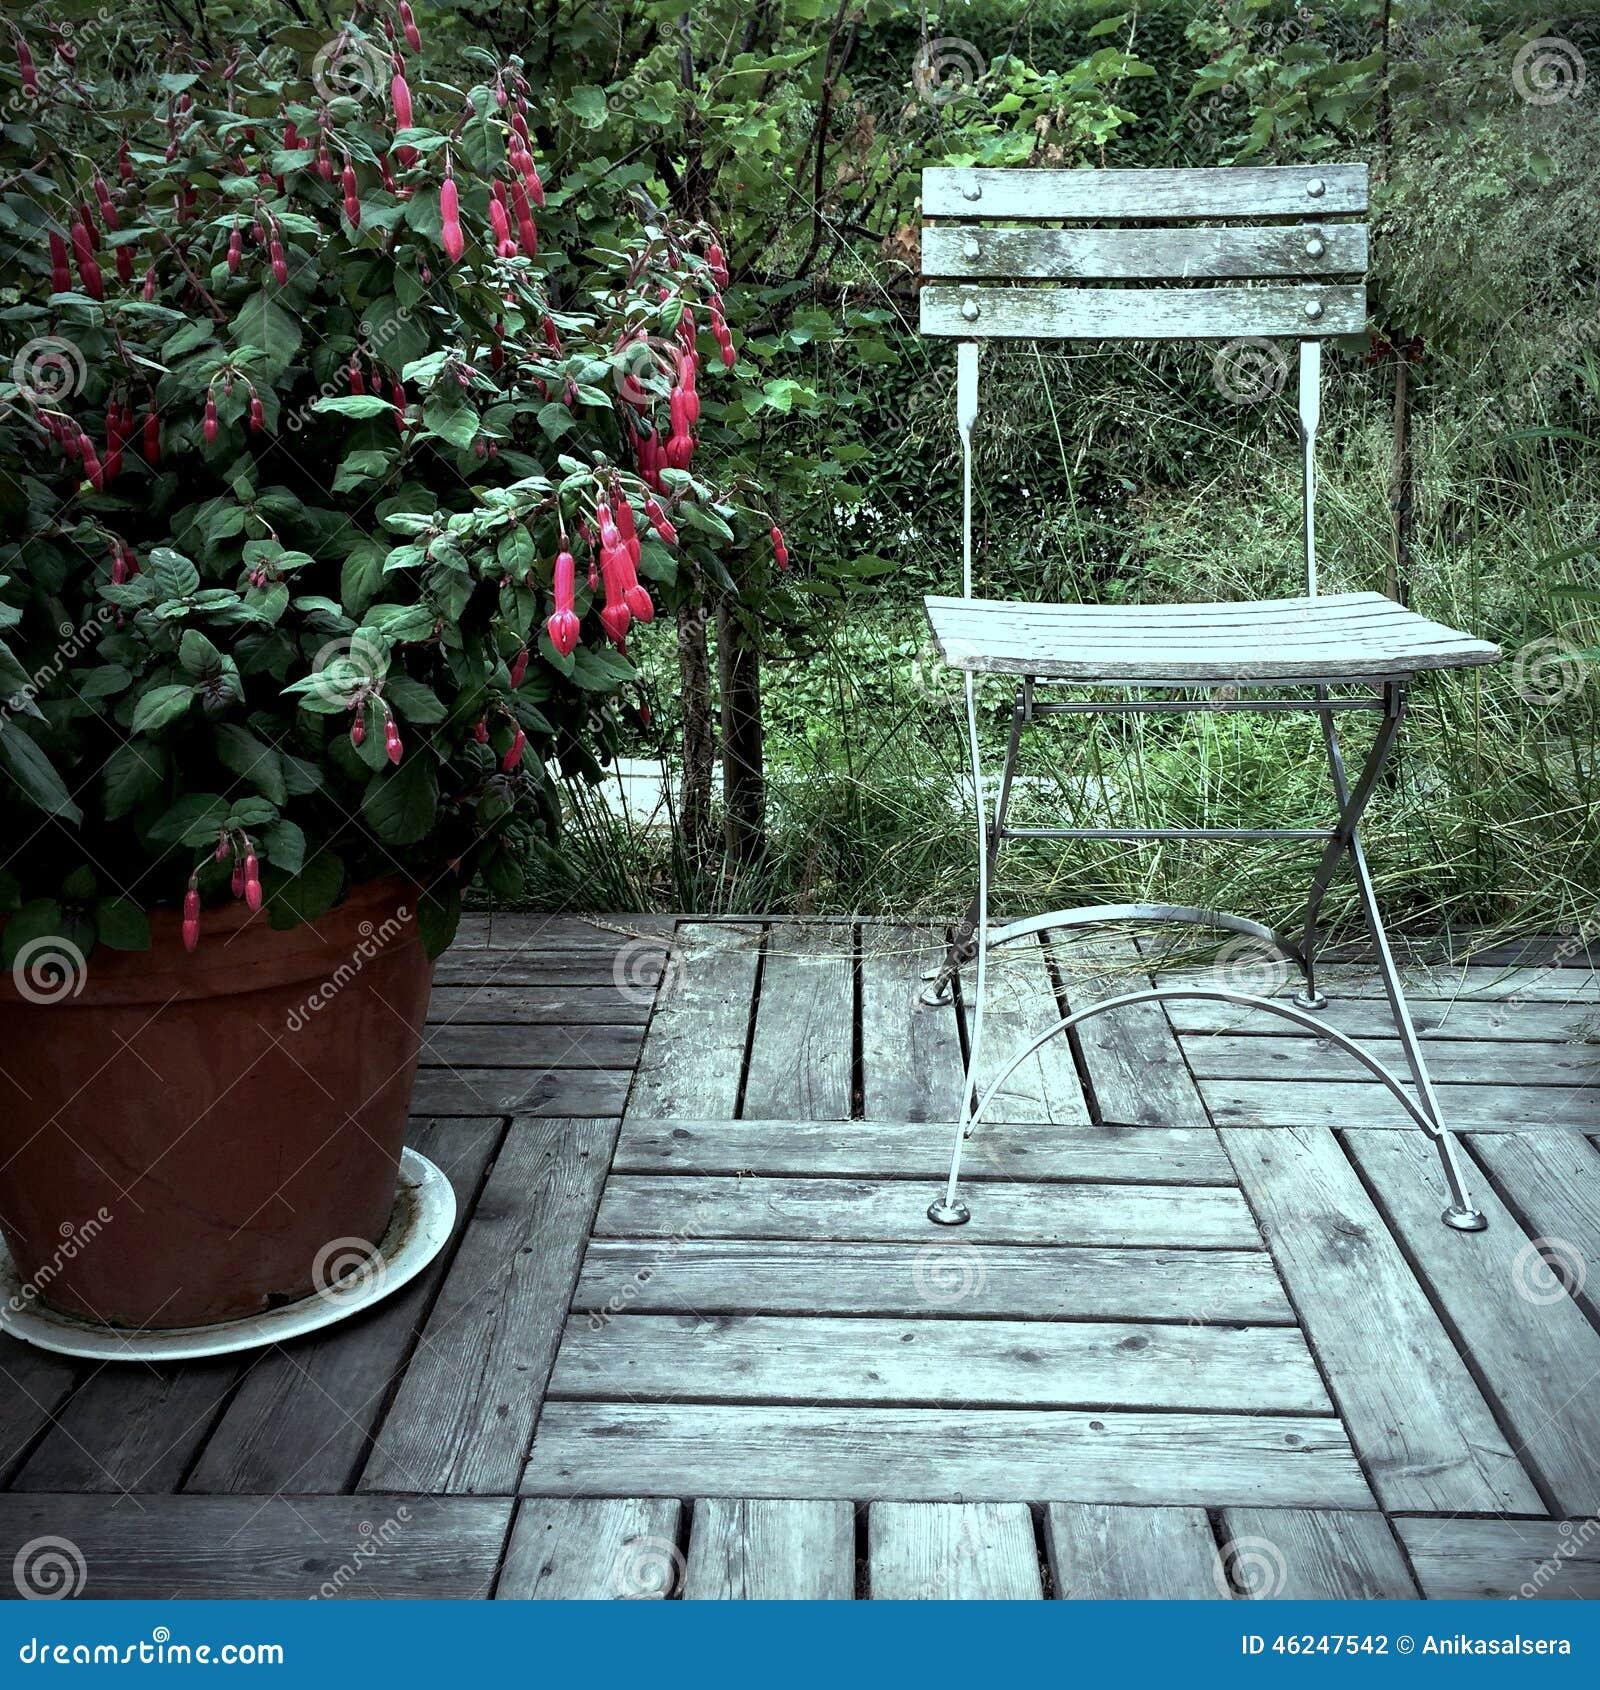 Fucsia rossa e vecchia sedia di legno